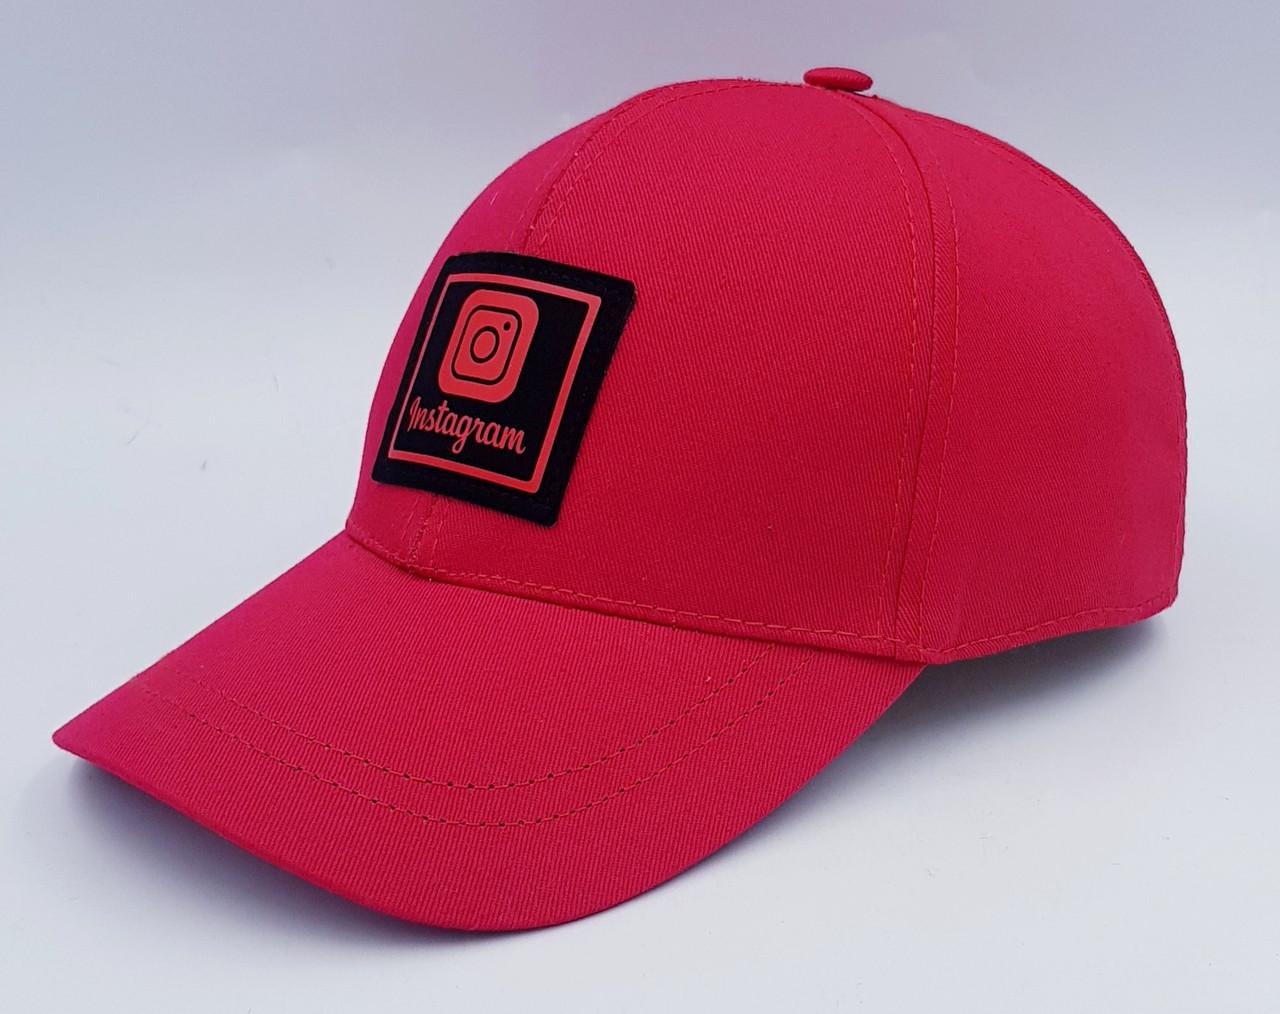 Женская бейсболка Klaus Коттон по стилю Инстаграм  Демисезон (53-55, 55-58) Красный (024- К)